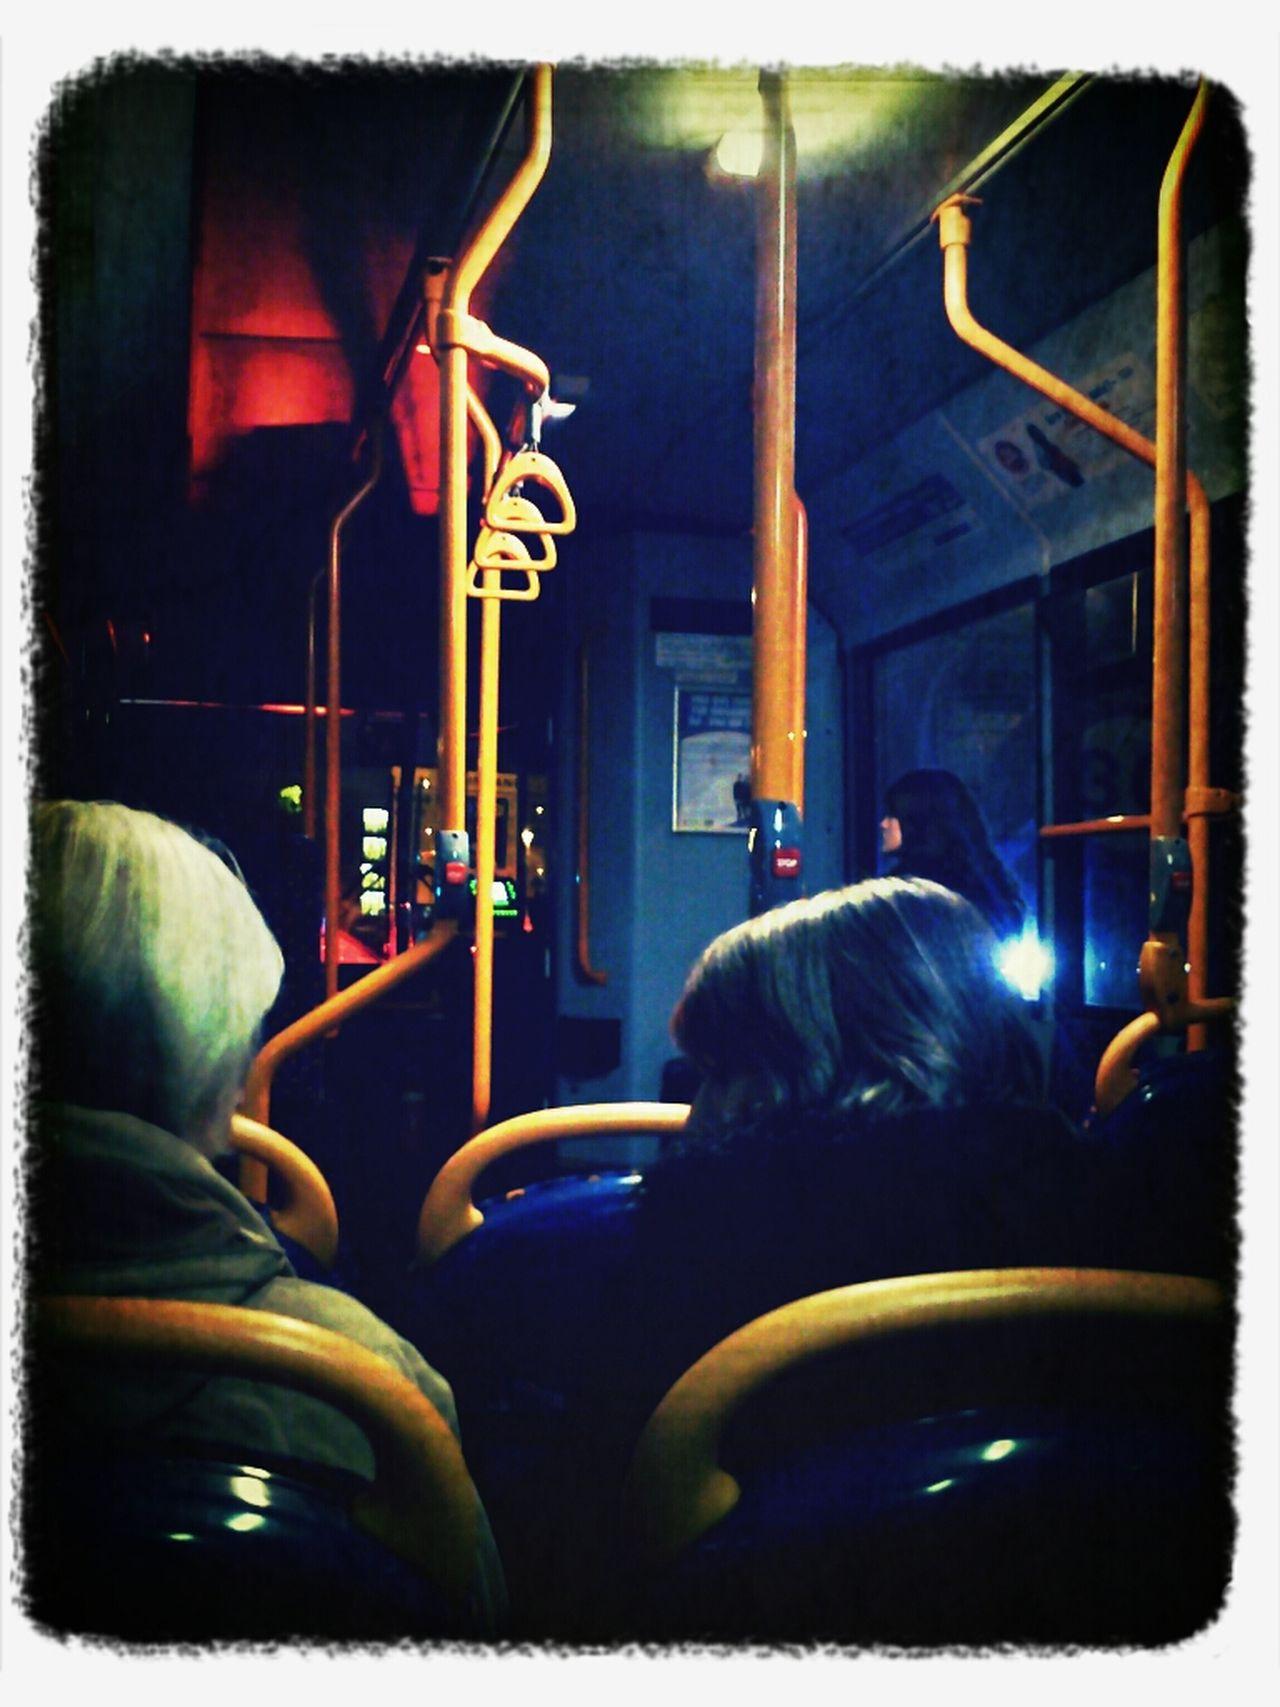 Winter Bus Ride